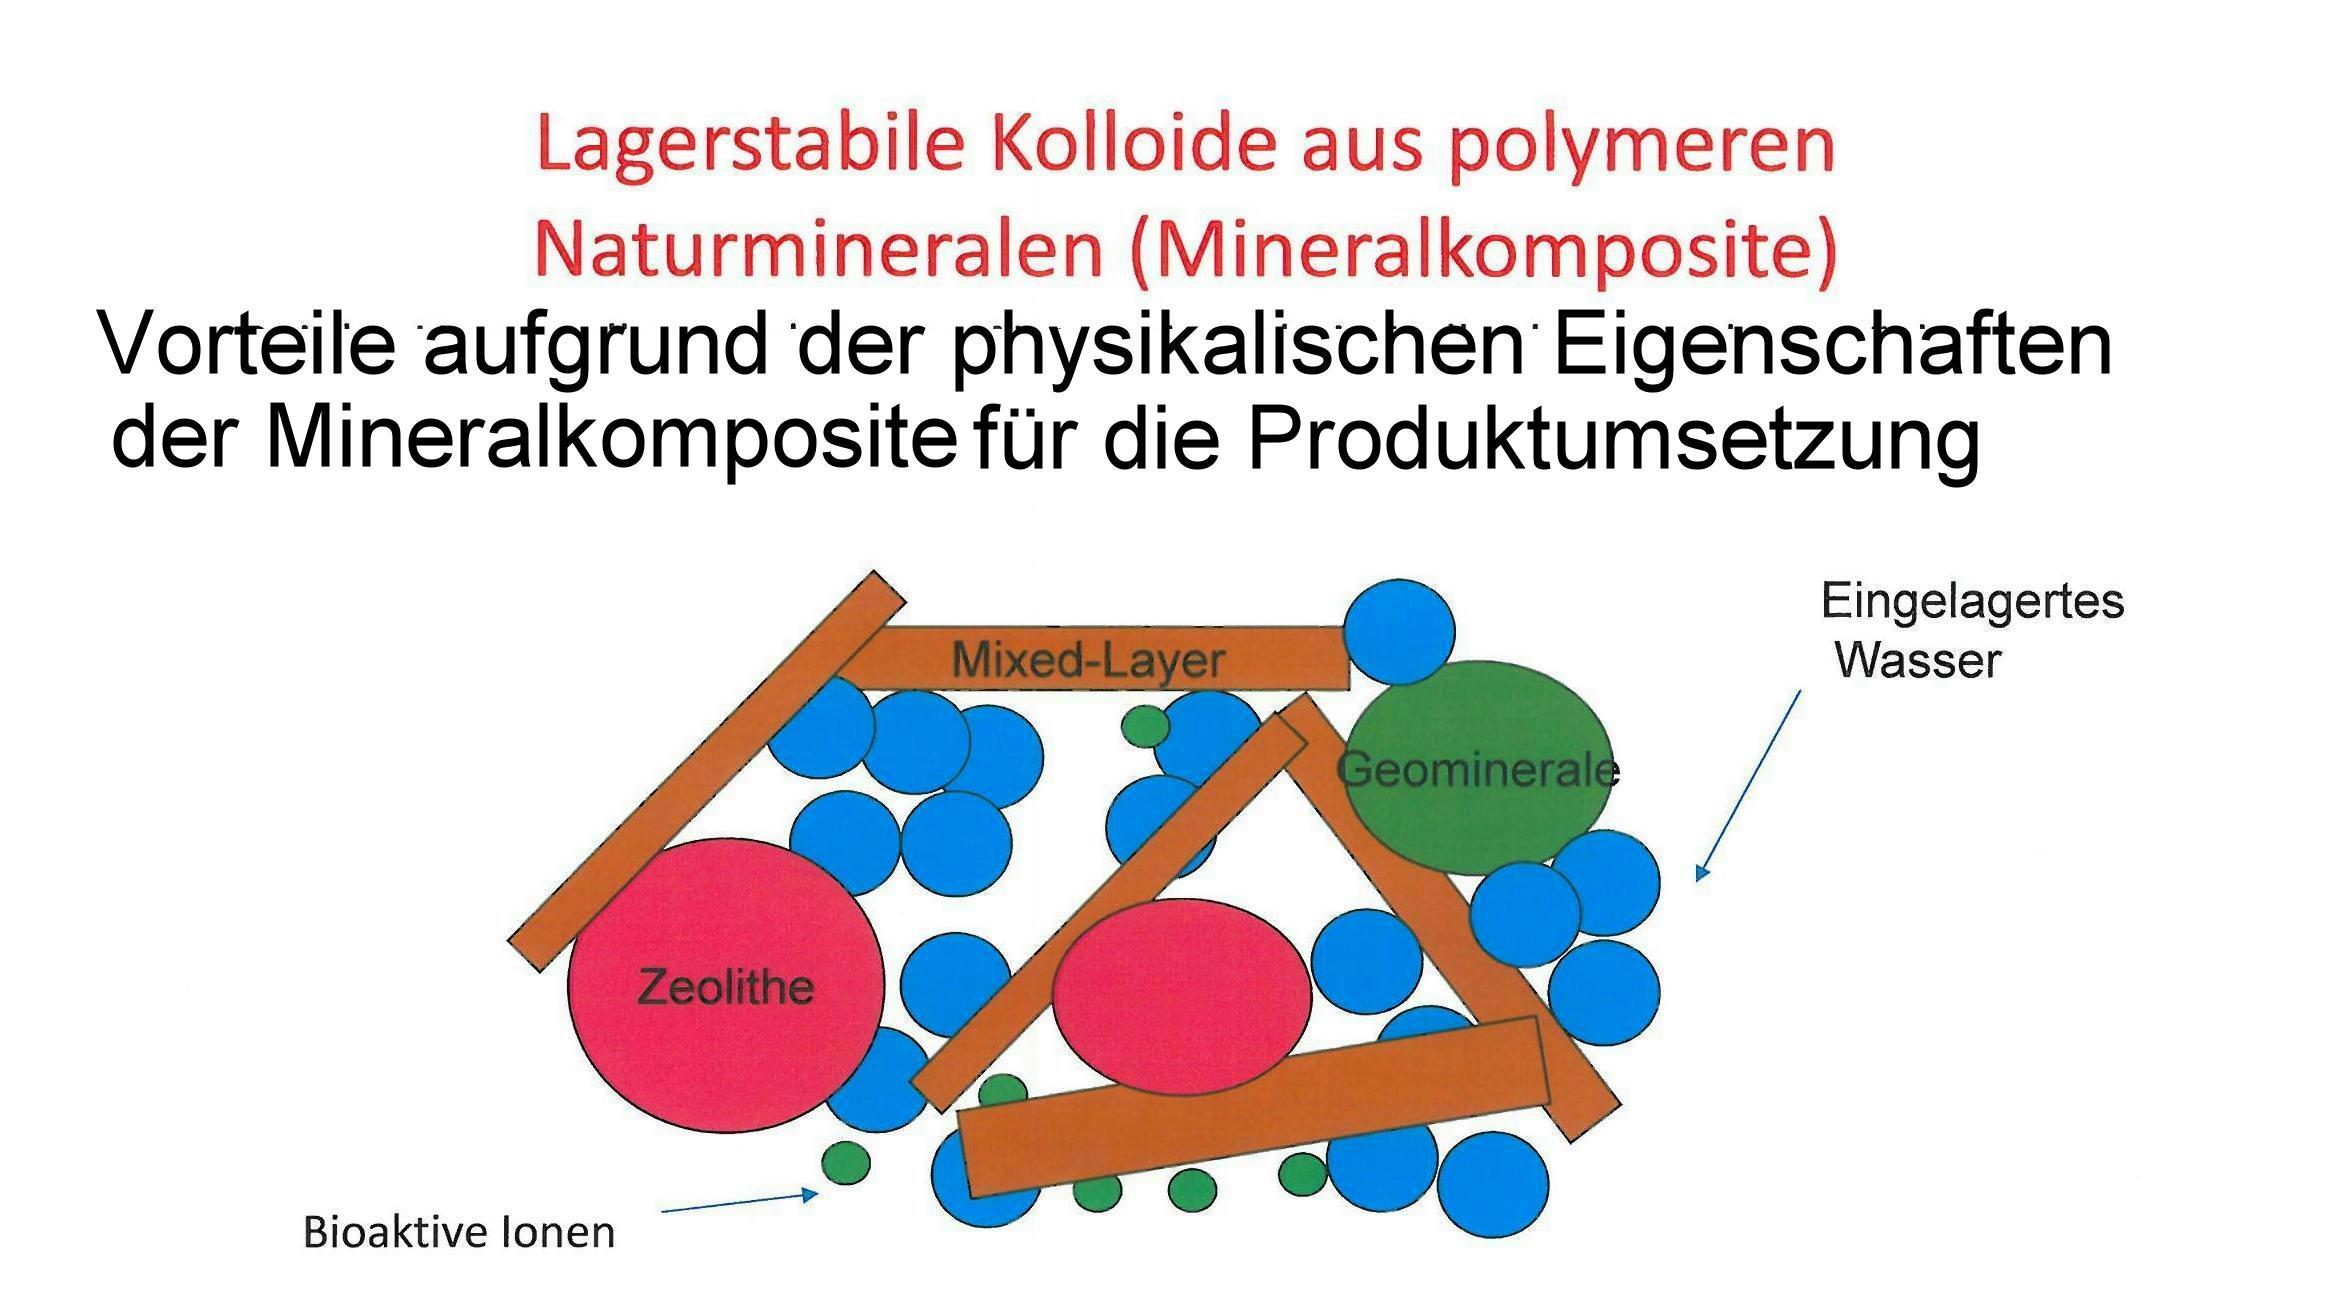 Aus den physikalischen Eigenschaften der Mineralkomposite resultierende Vorteile für die Produktumsetzung.